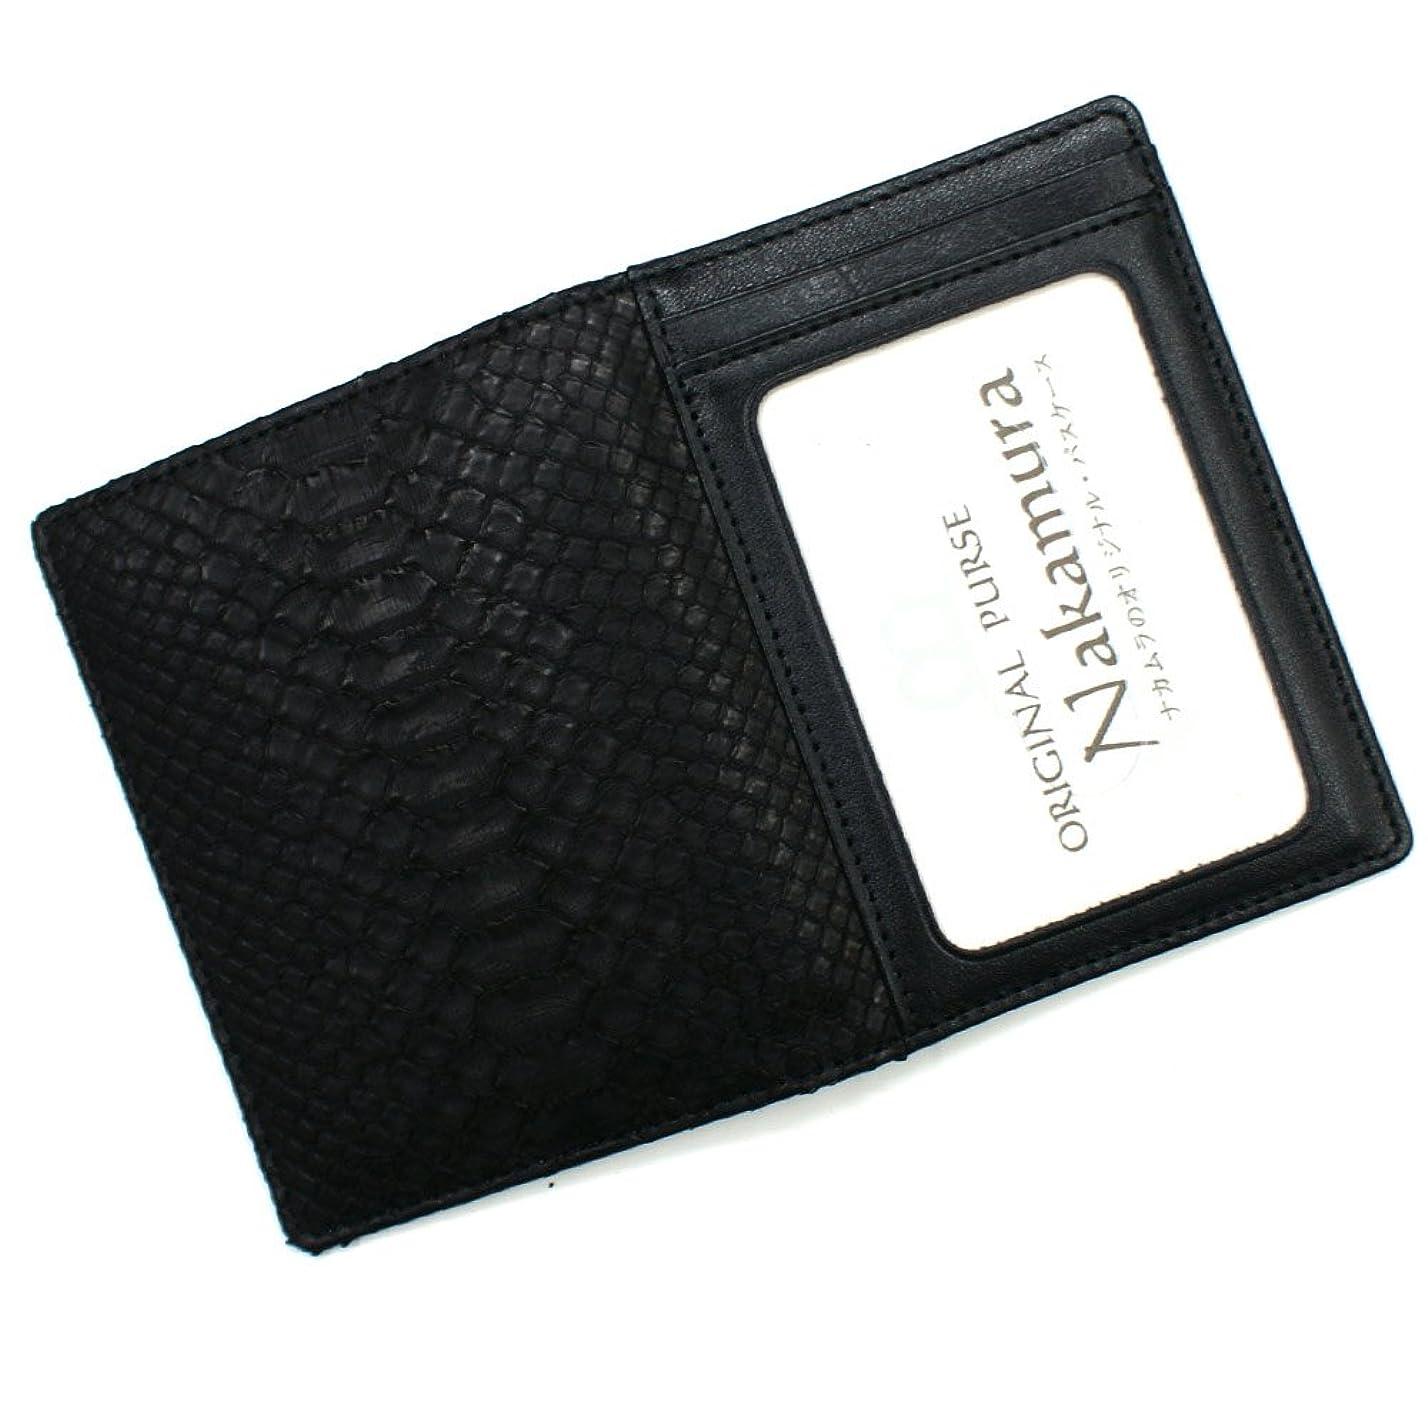 制限宝むしろMT1150-BLACK02 蛇革二つ折りパスケース「定期入れ」(パイソン革):マット仕上げブラック 02